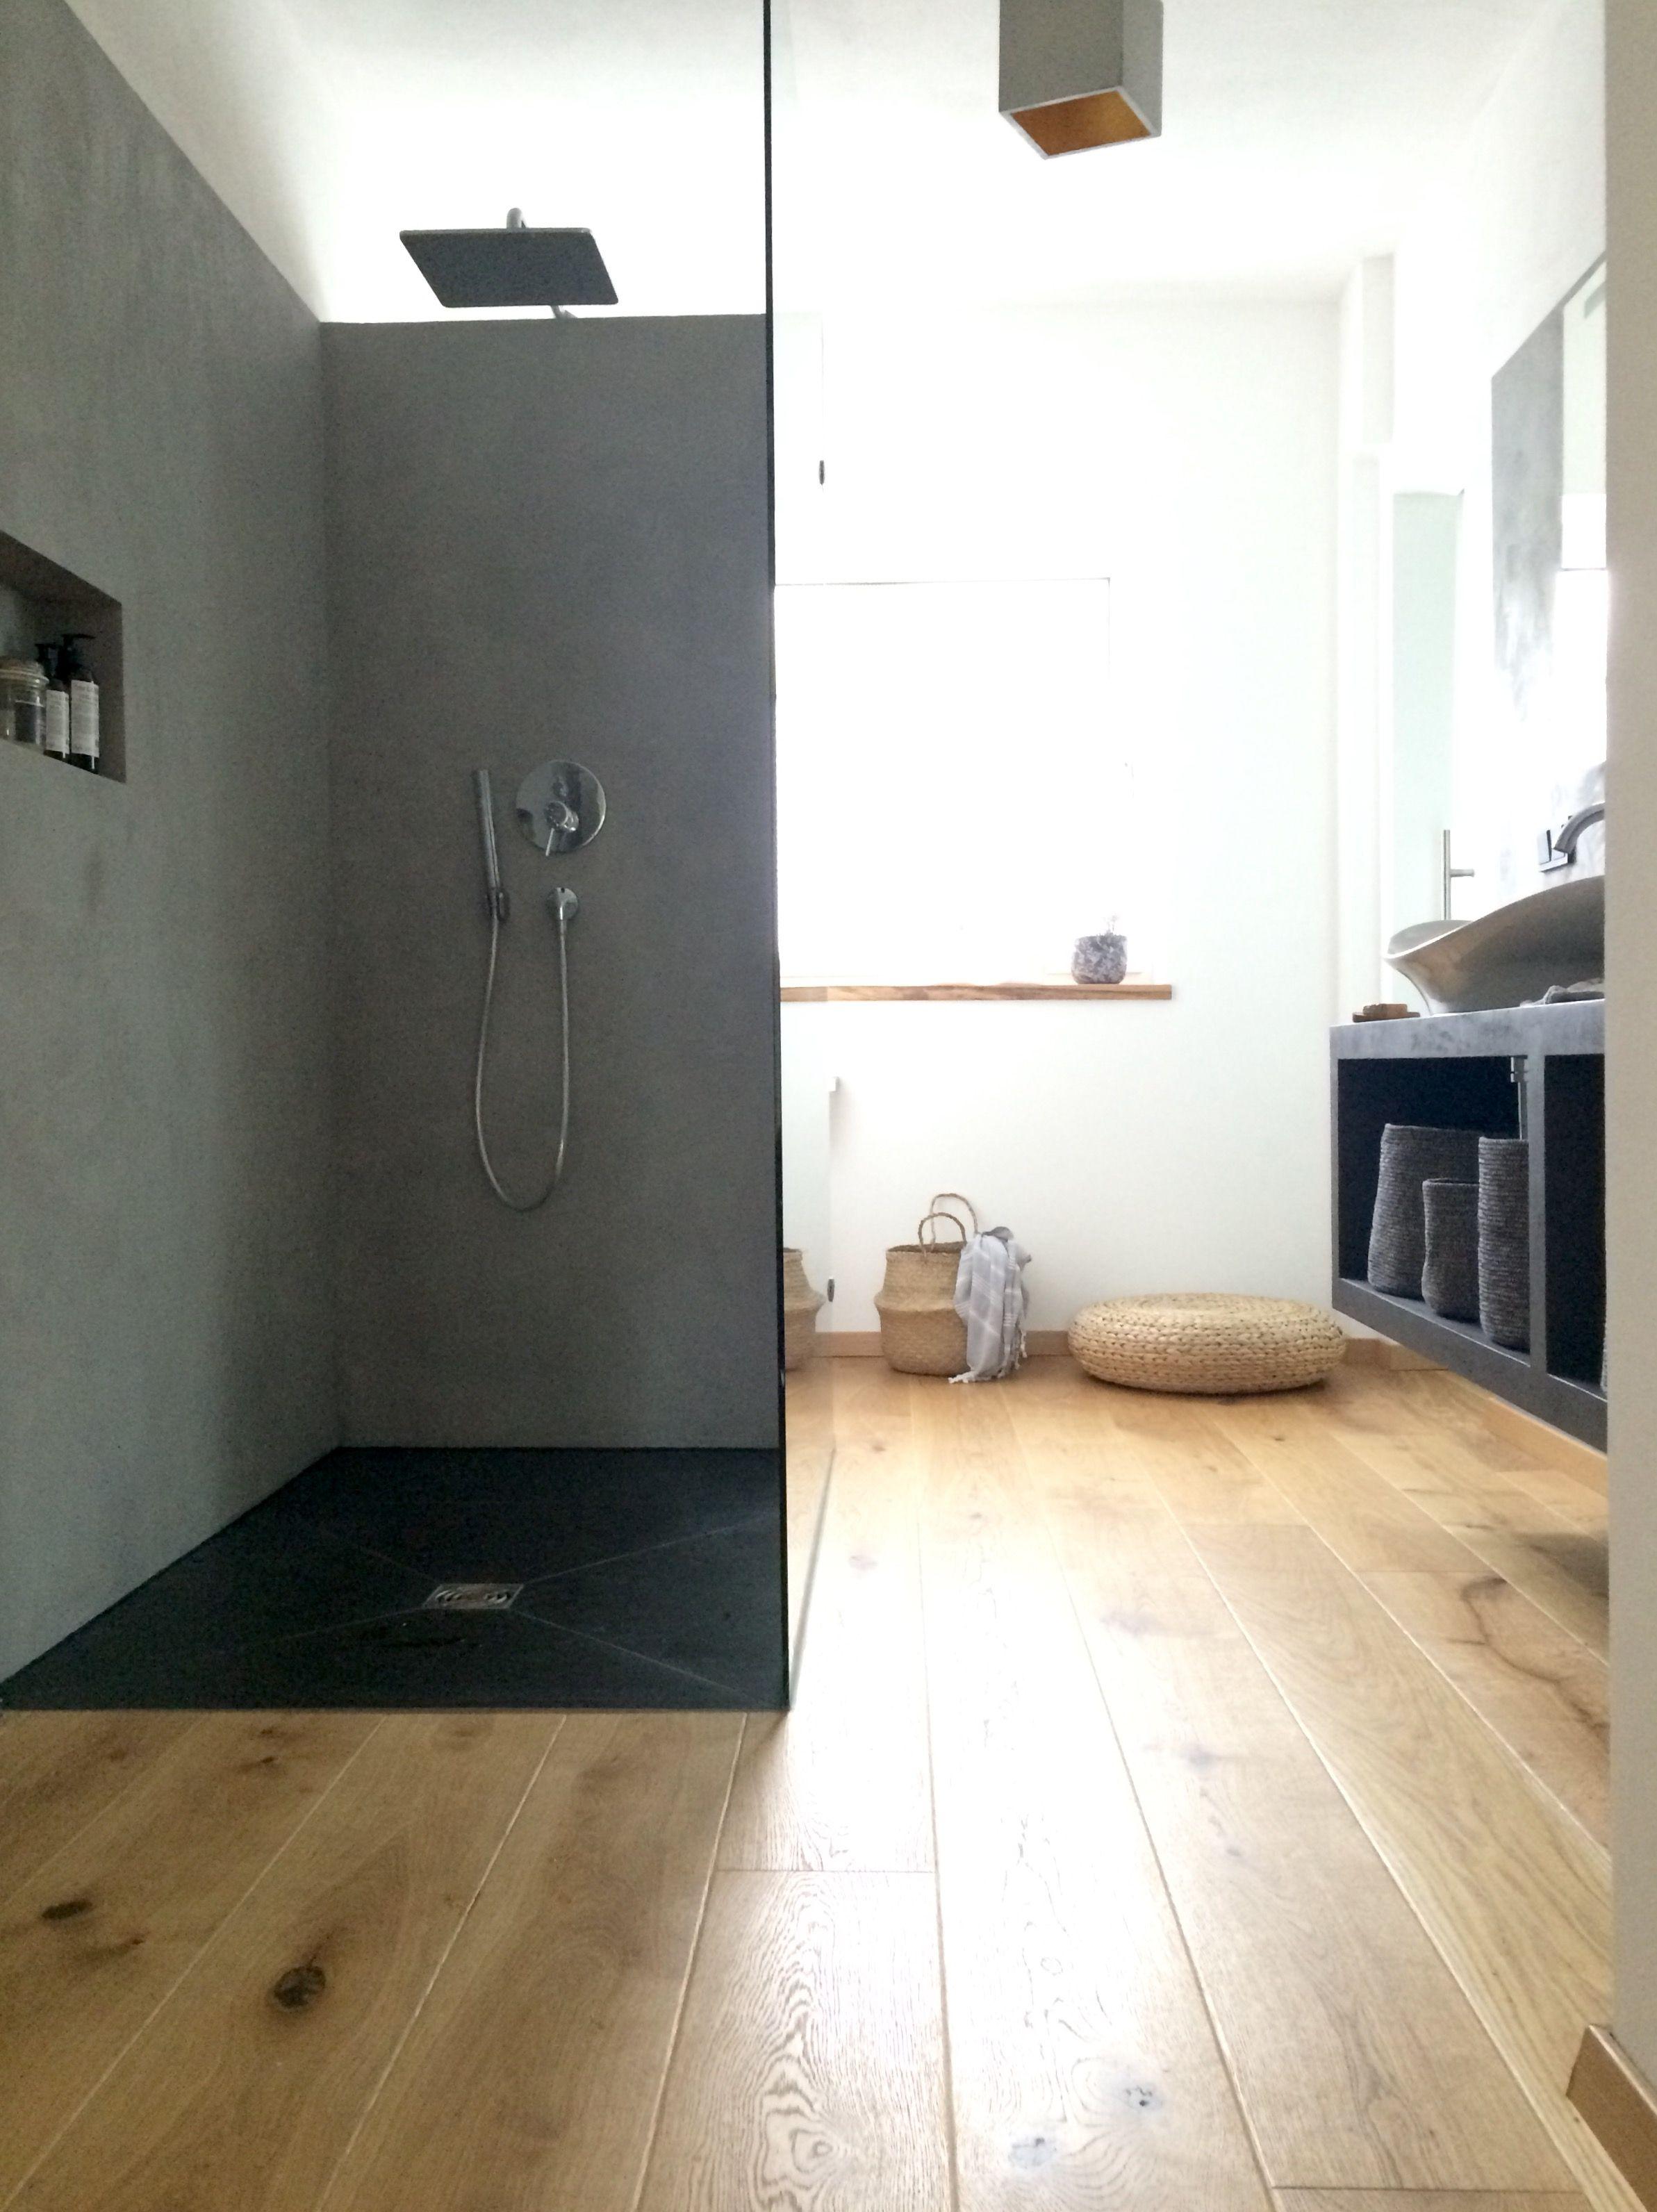 Badezimmer design dusche im bad  haus and bath